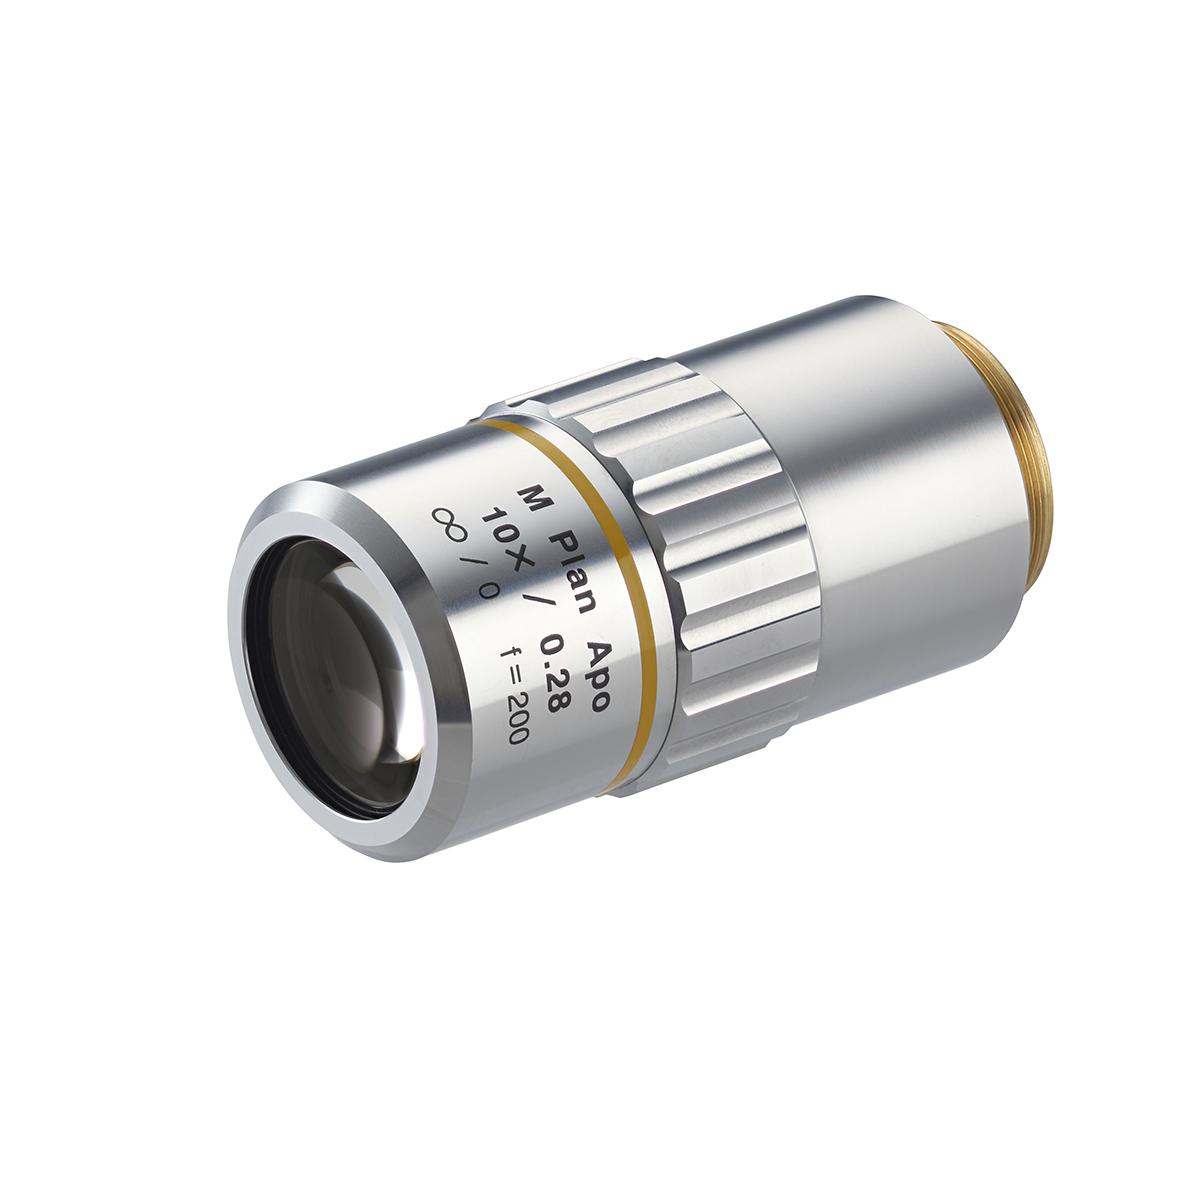 Mitutoyo M Plan Apo 10x Mikroskopobjektiv